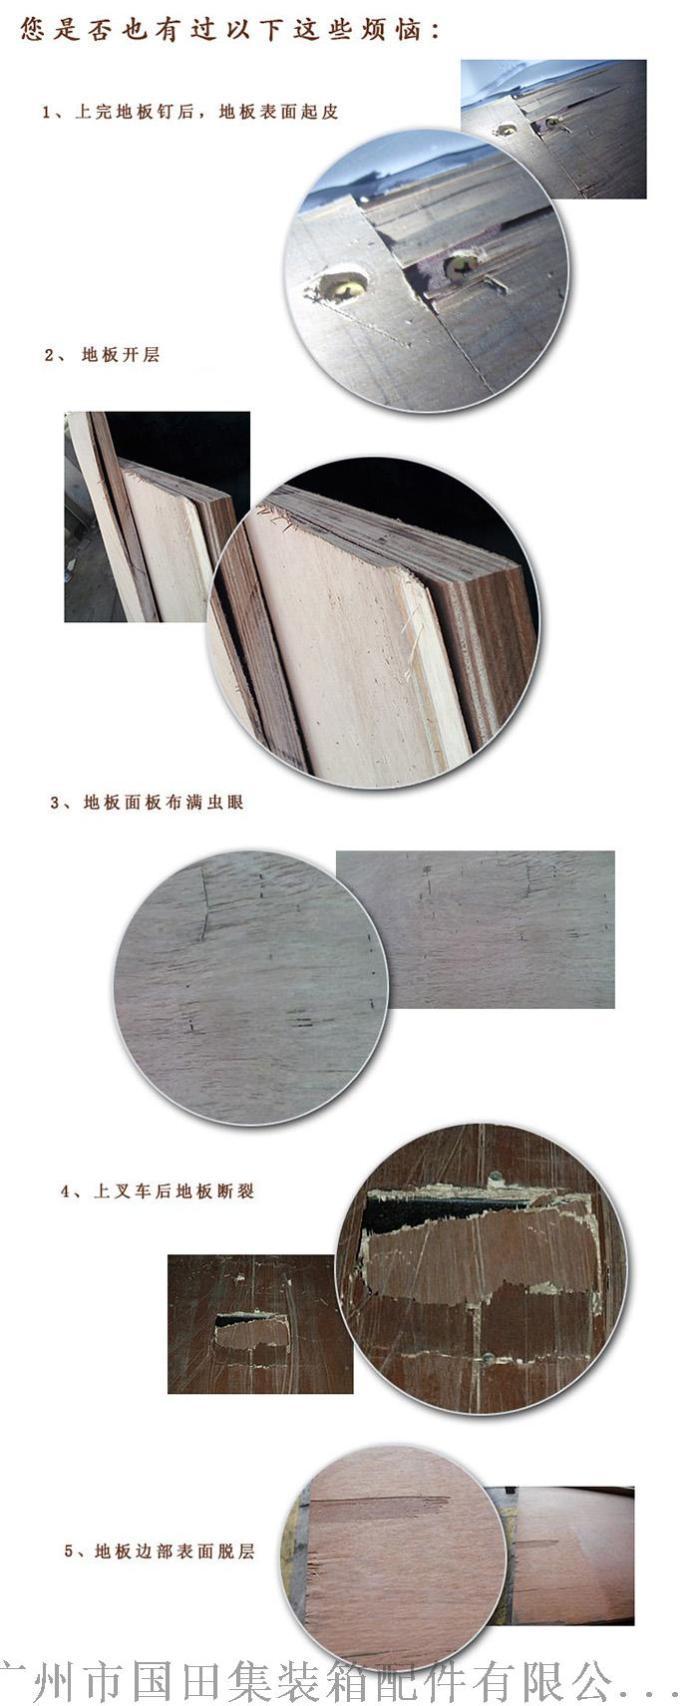 集装箱底板-1.jpg